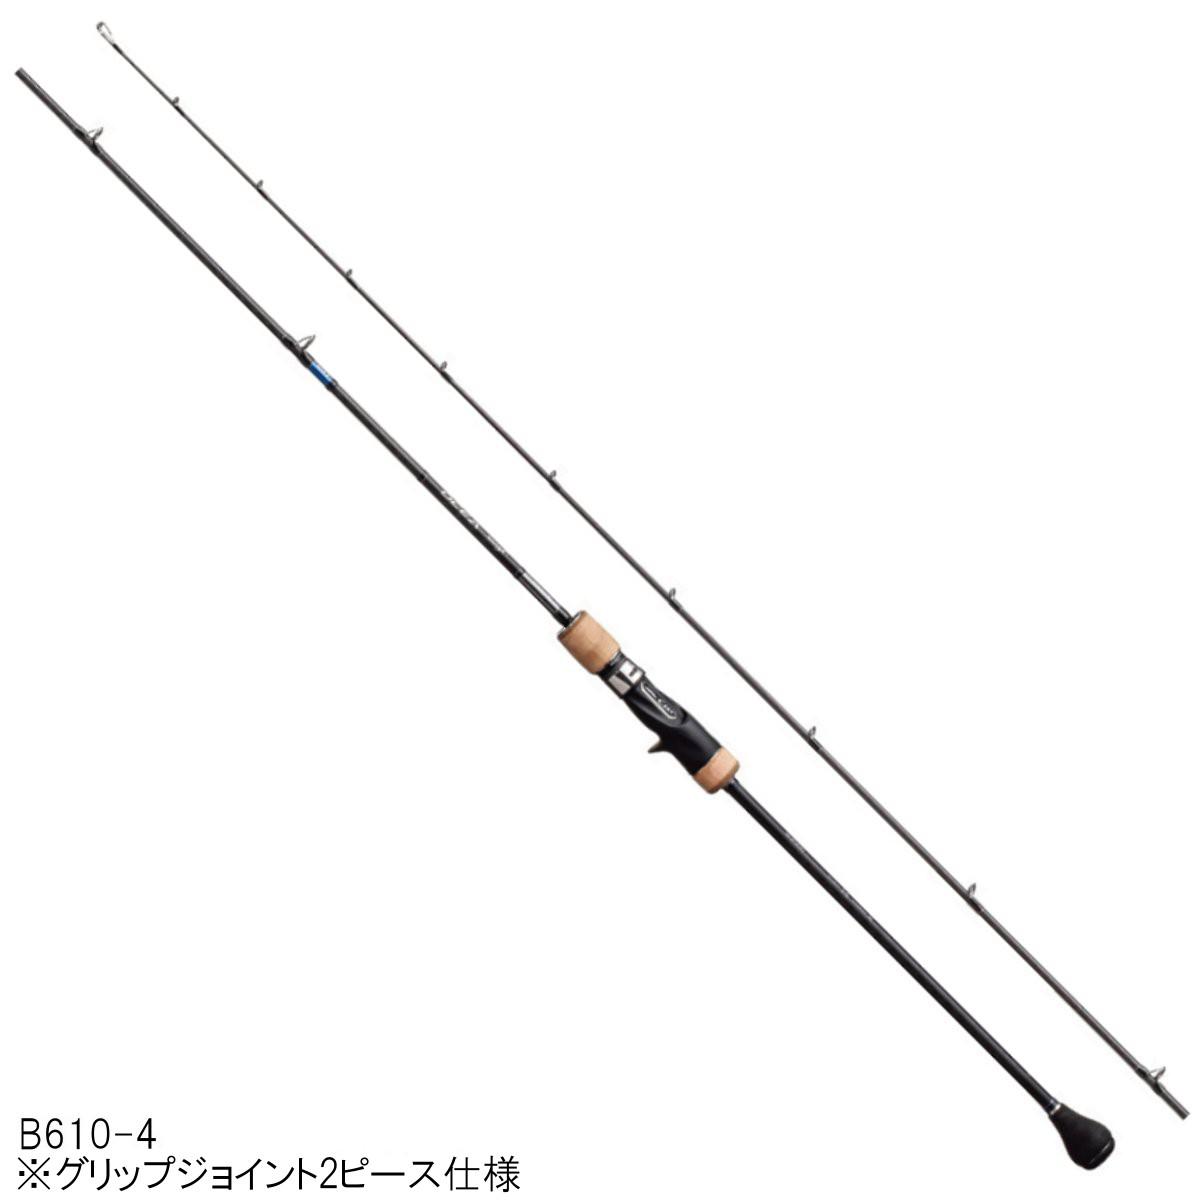 シマノ オシアジガー ∞(インフィニティ) モーティブ B610-4【大型商品】